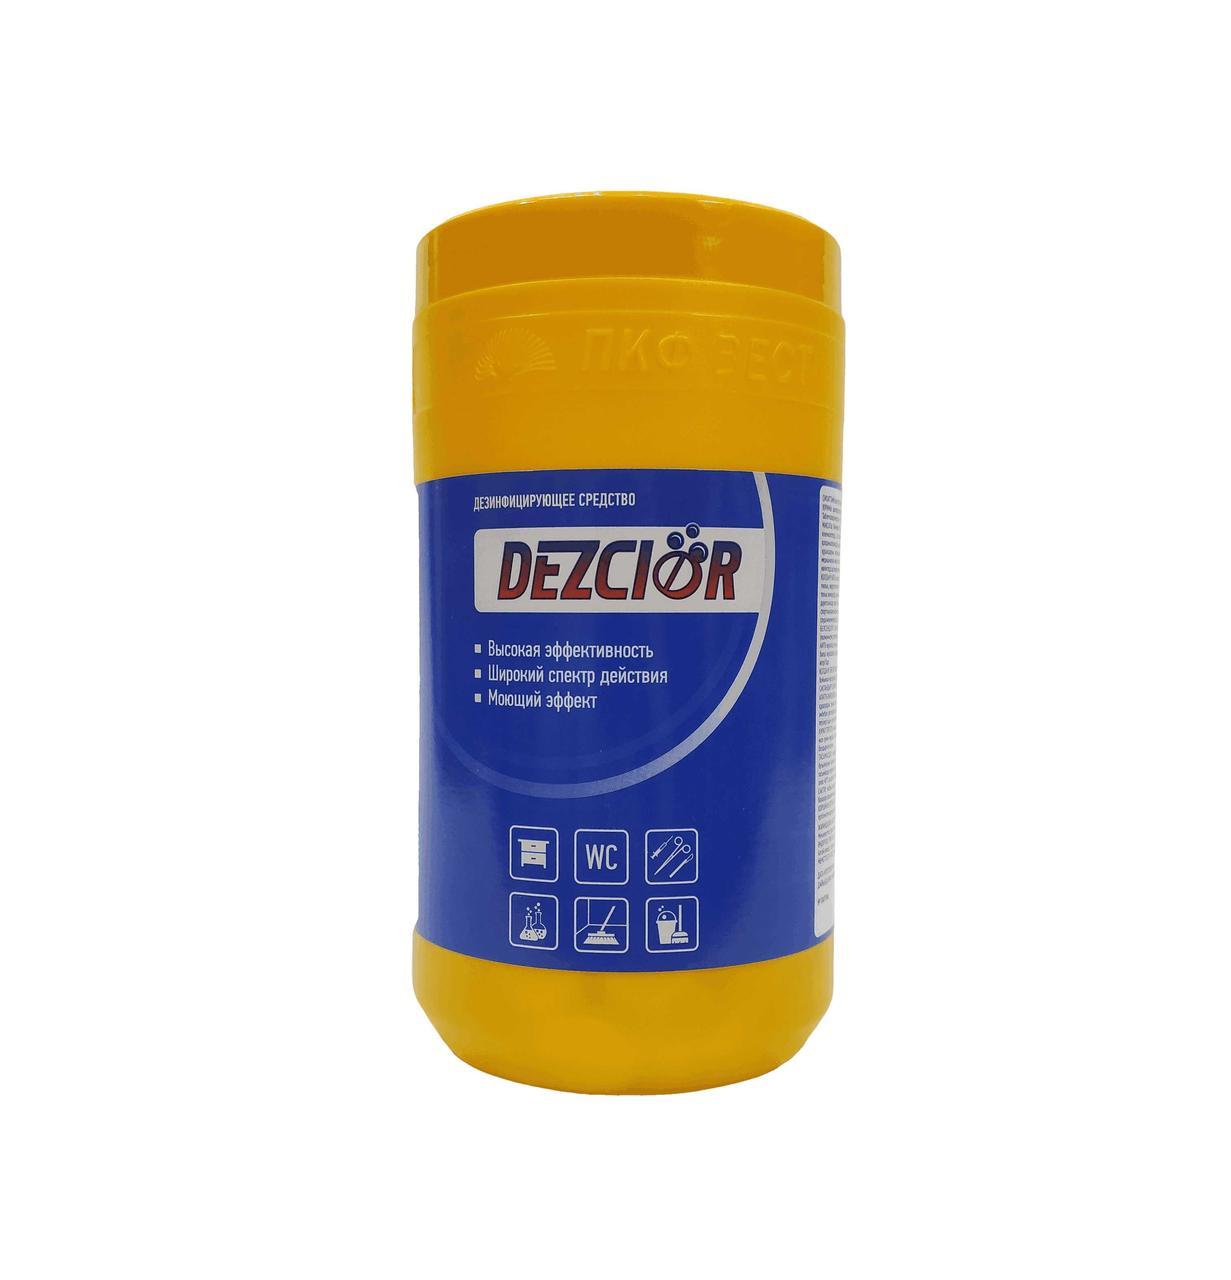 Дезинфицирующее средство Дезхлор